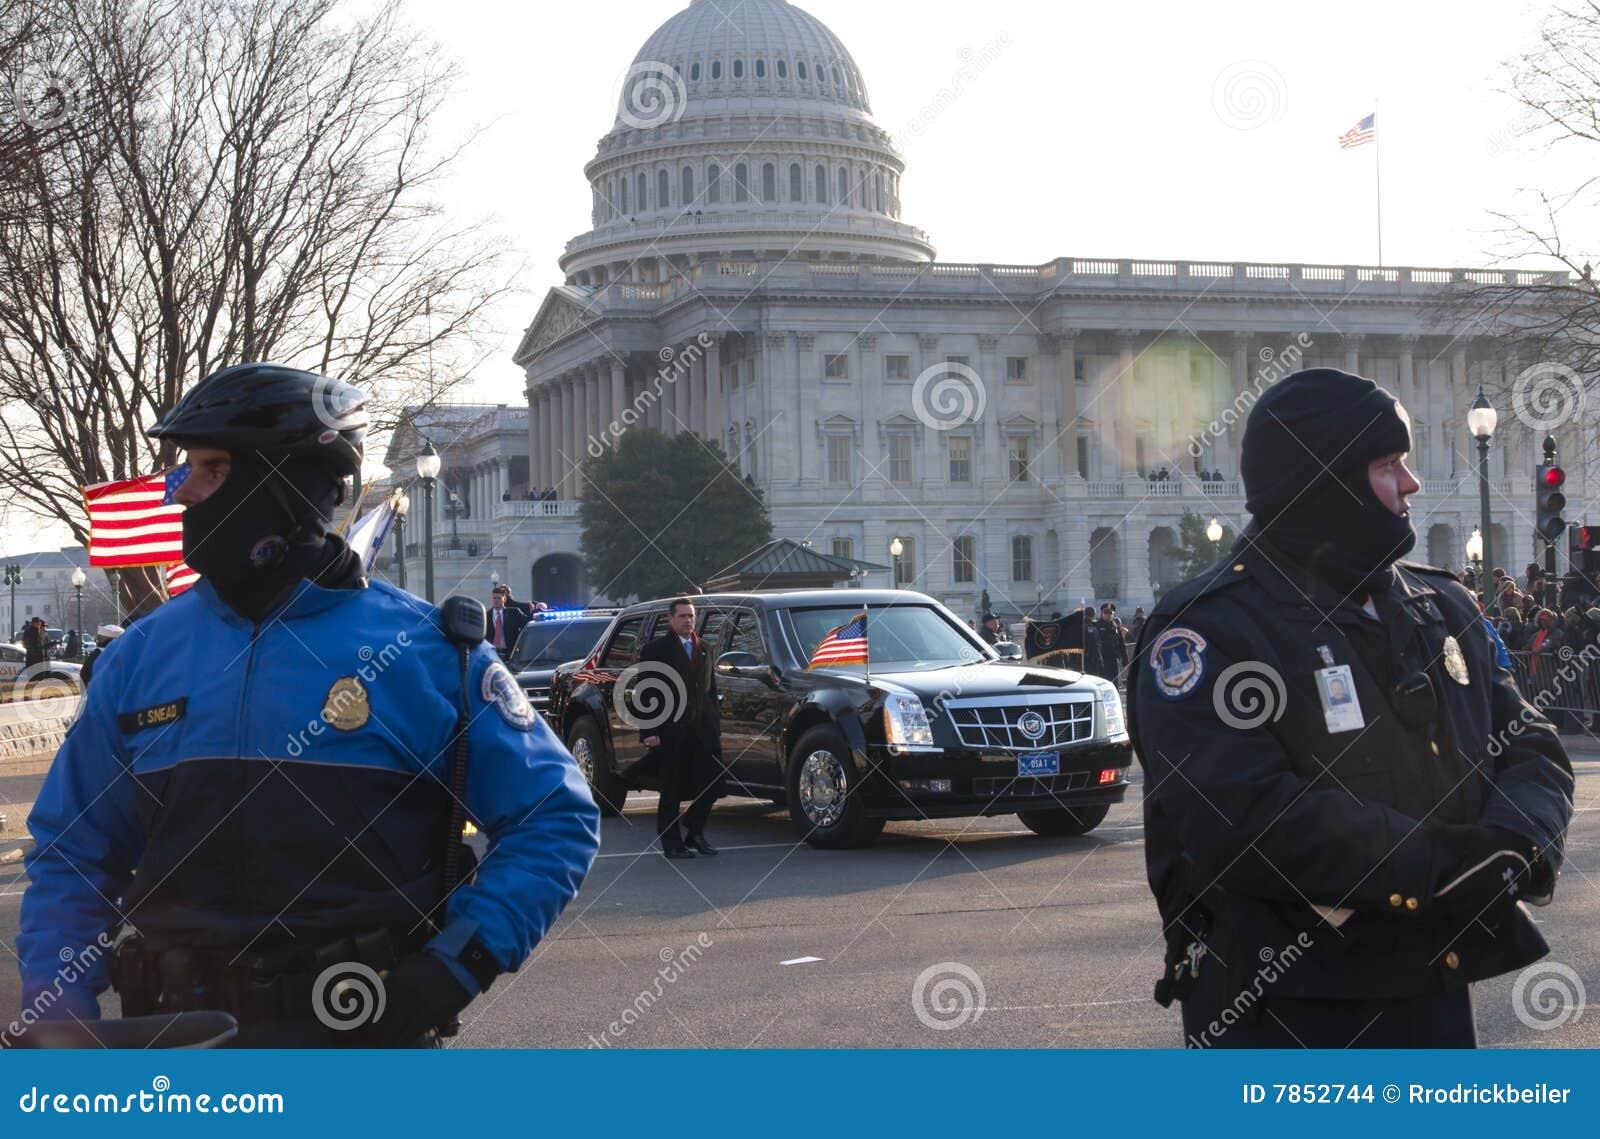 Presidentiële Limousine en het Capitool van de V.S.